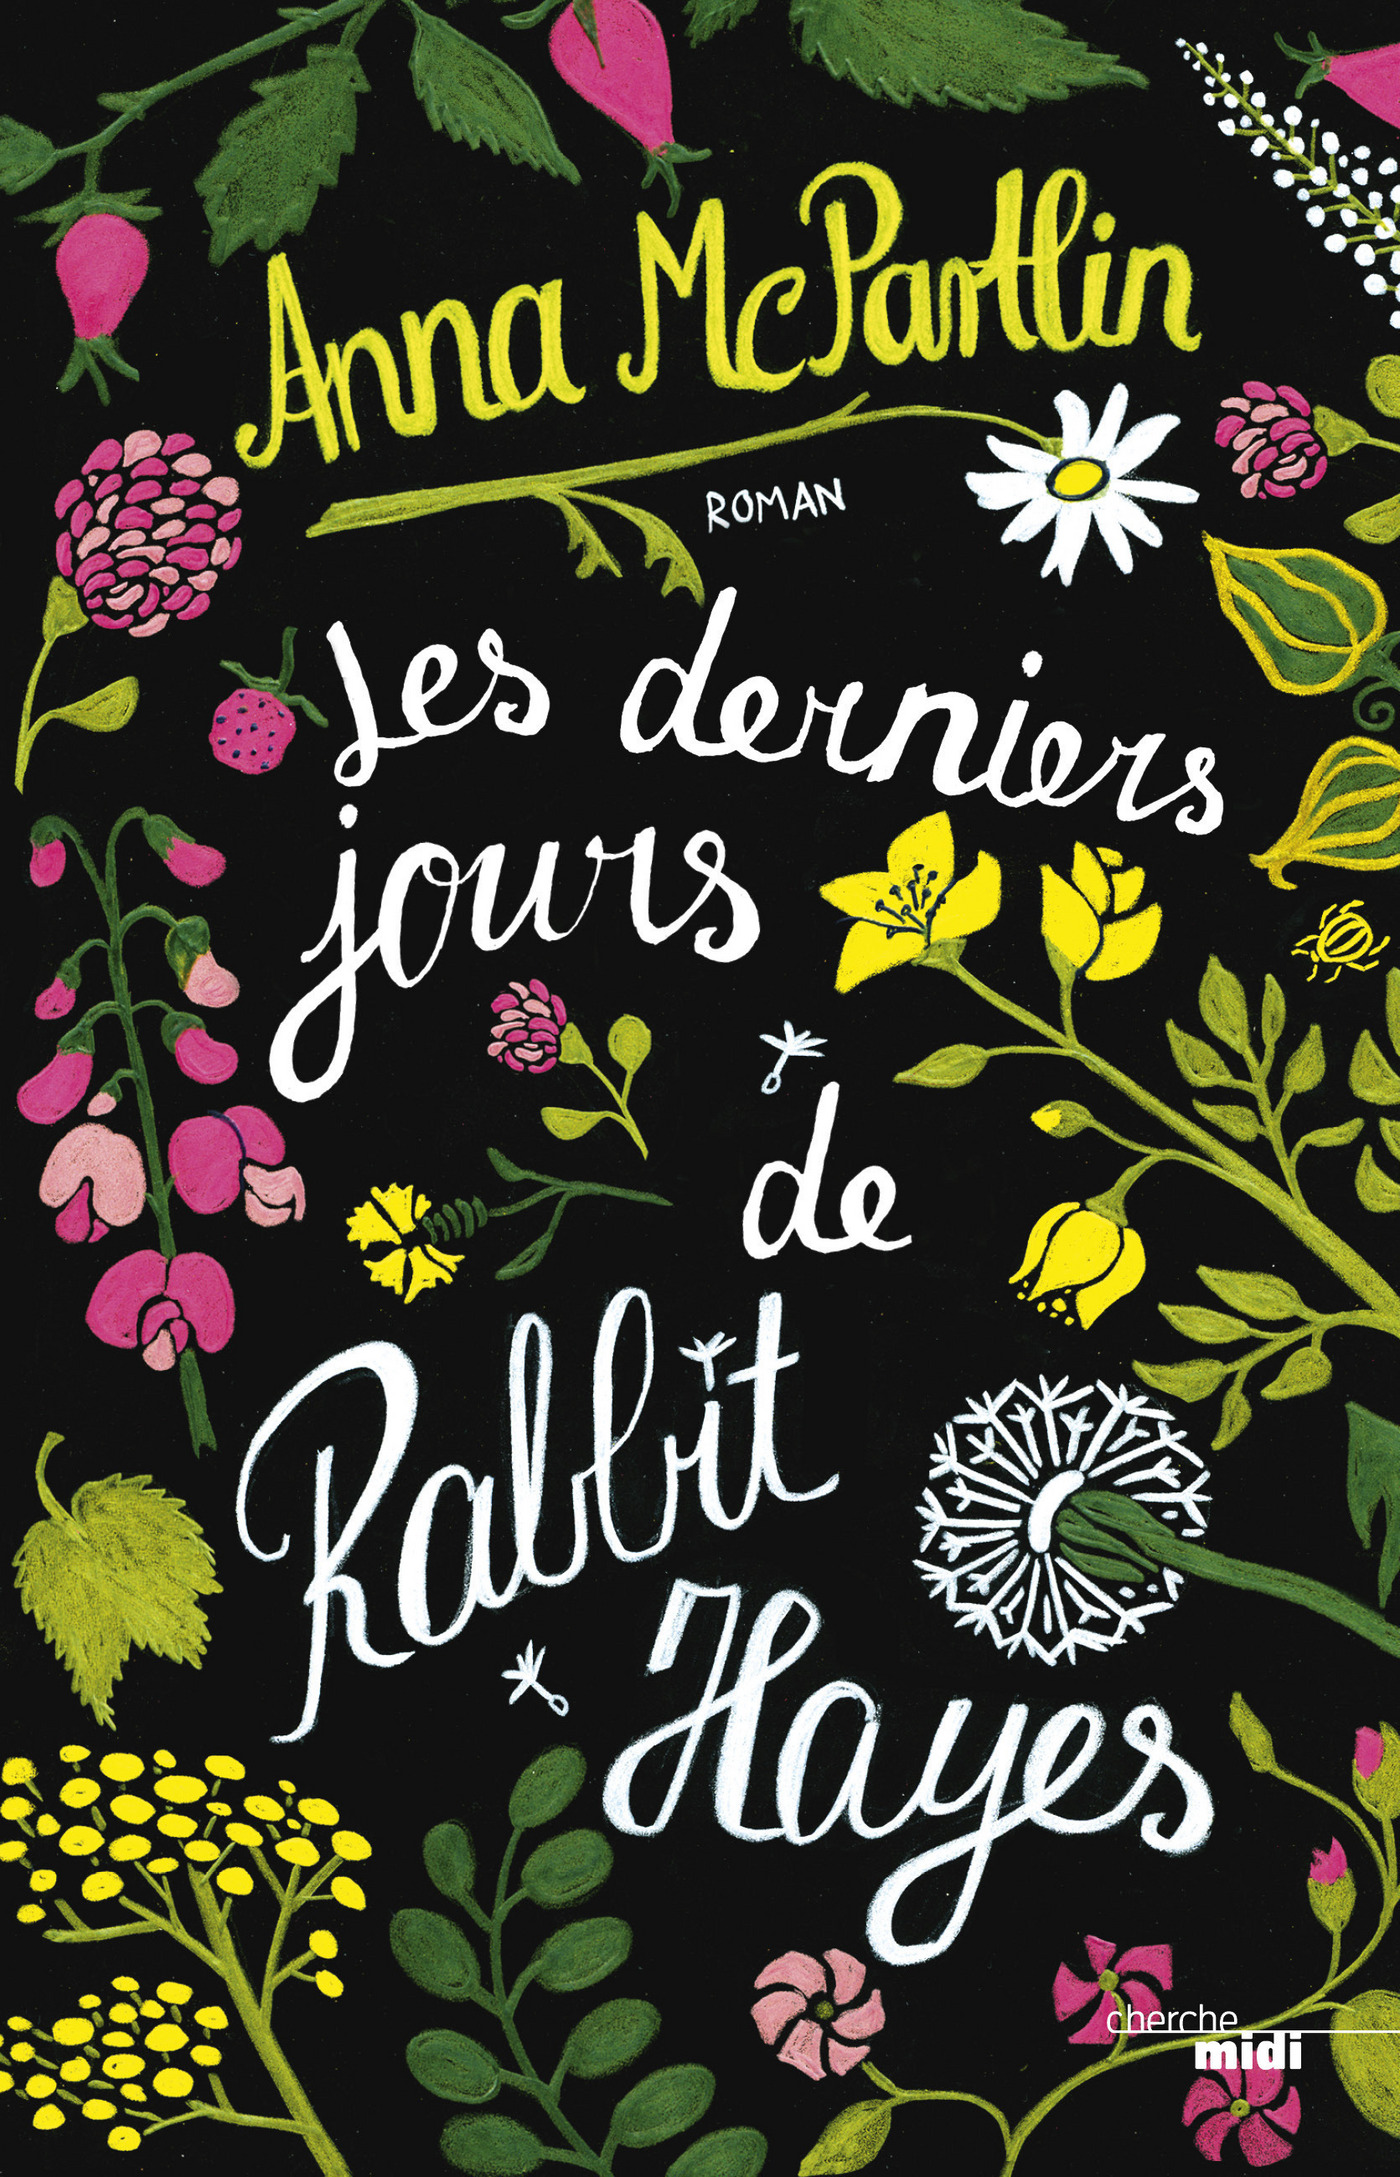 Les Derniers jours de Rabbit Hayes | LE PLOUHINEC, Valérie